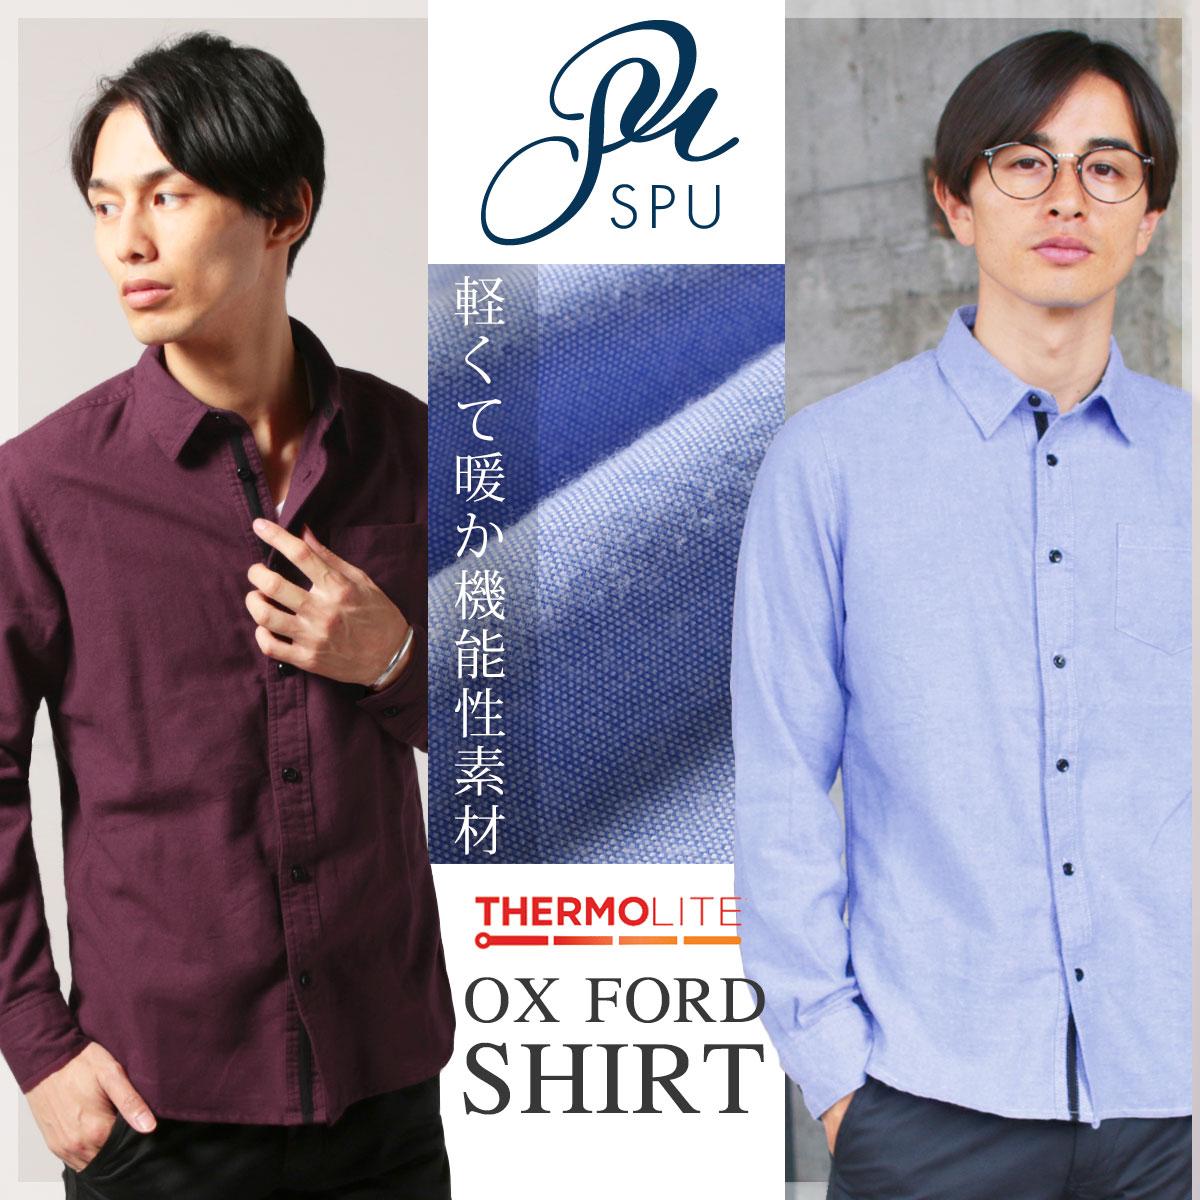 【セール対象】メンズ シャツ メンズファッション 機能性素材 サーモライト オックスフォード 長袖 シャツ SPU スプ